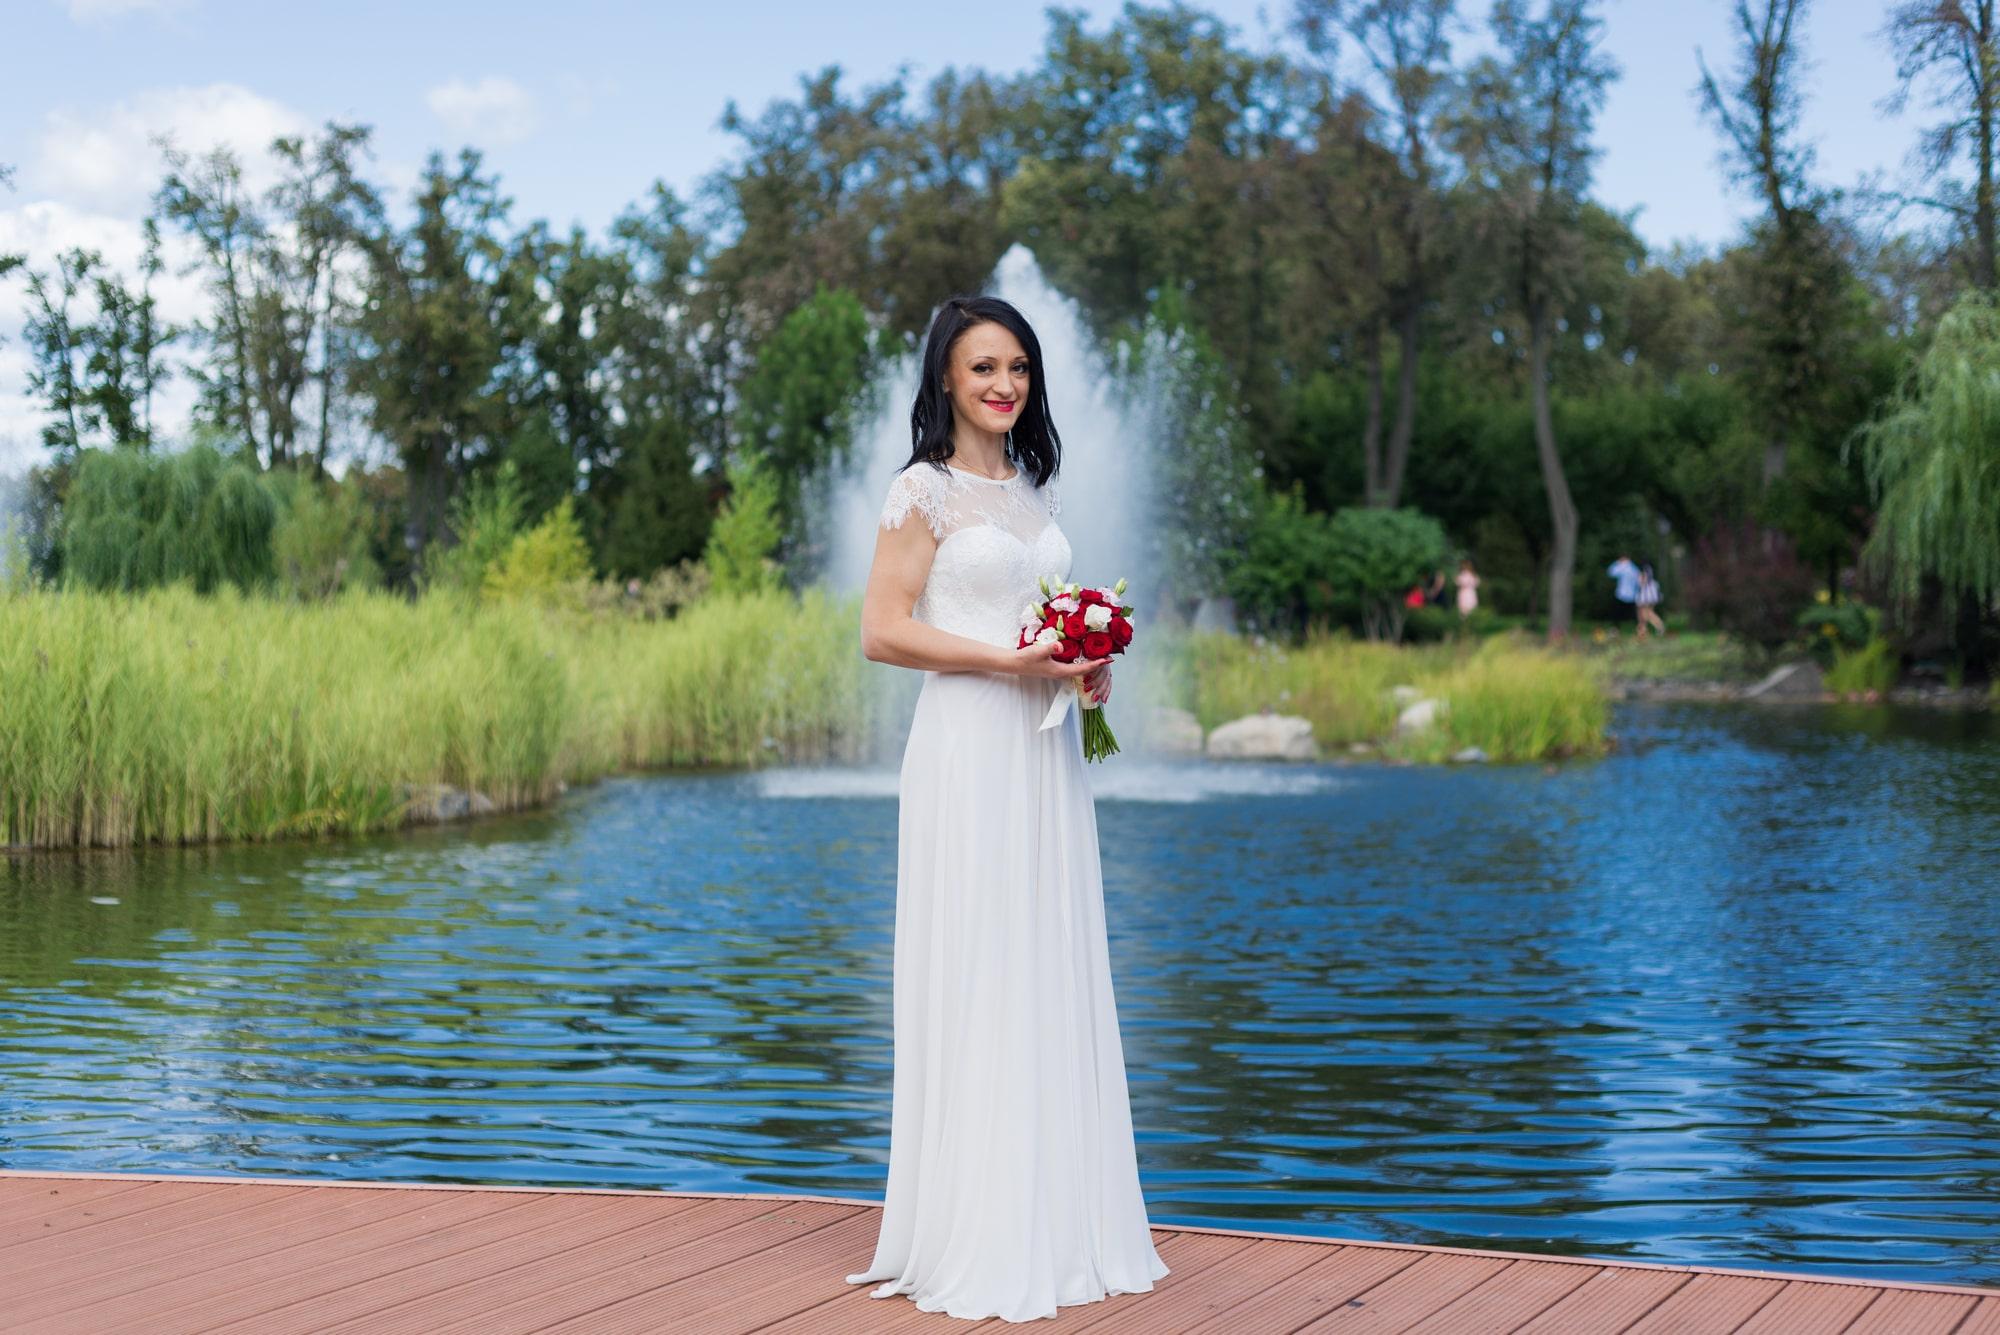 Свадебная фотосъемка в августе - невеста возле фонтана